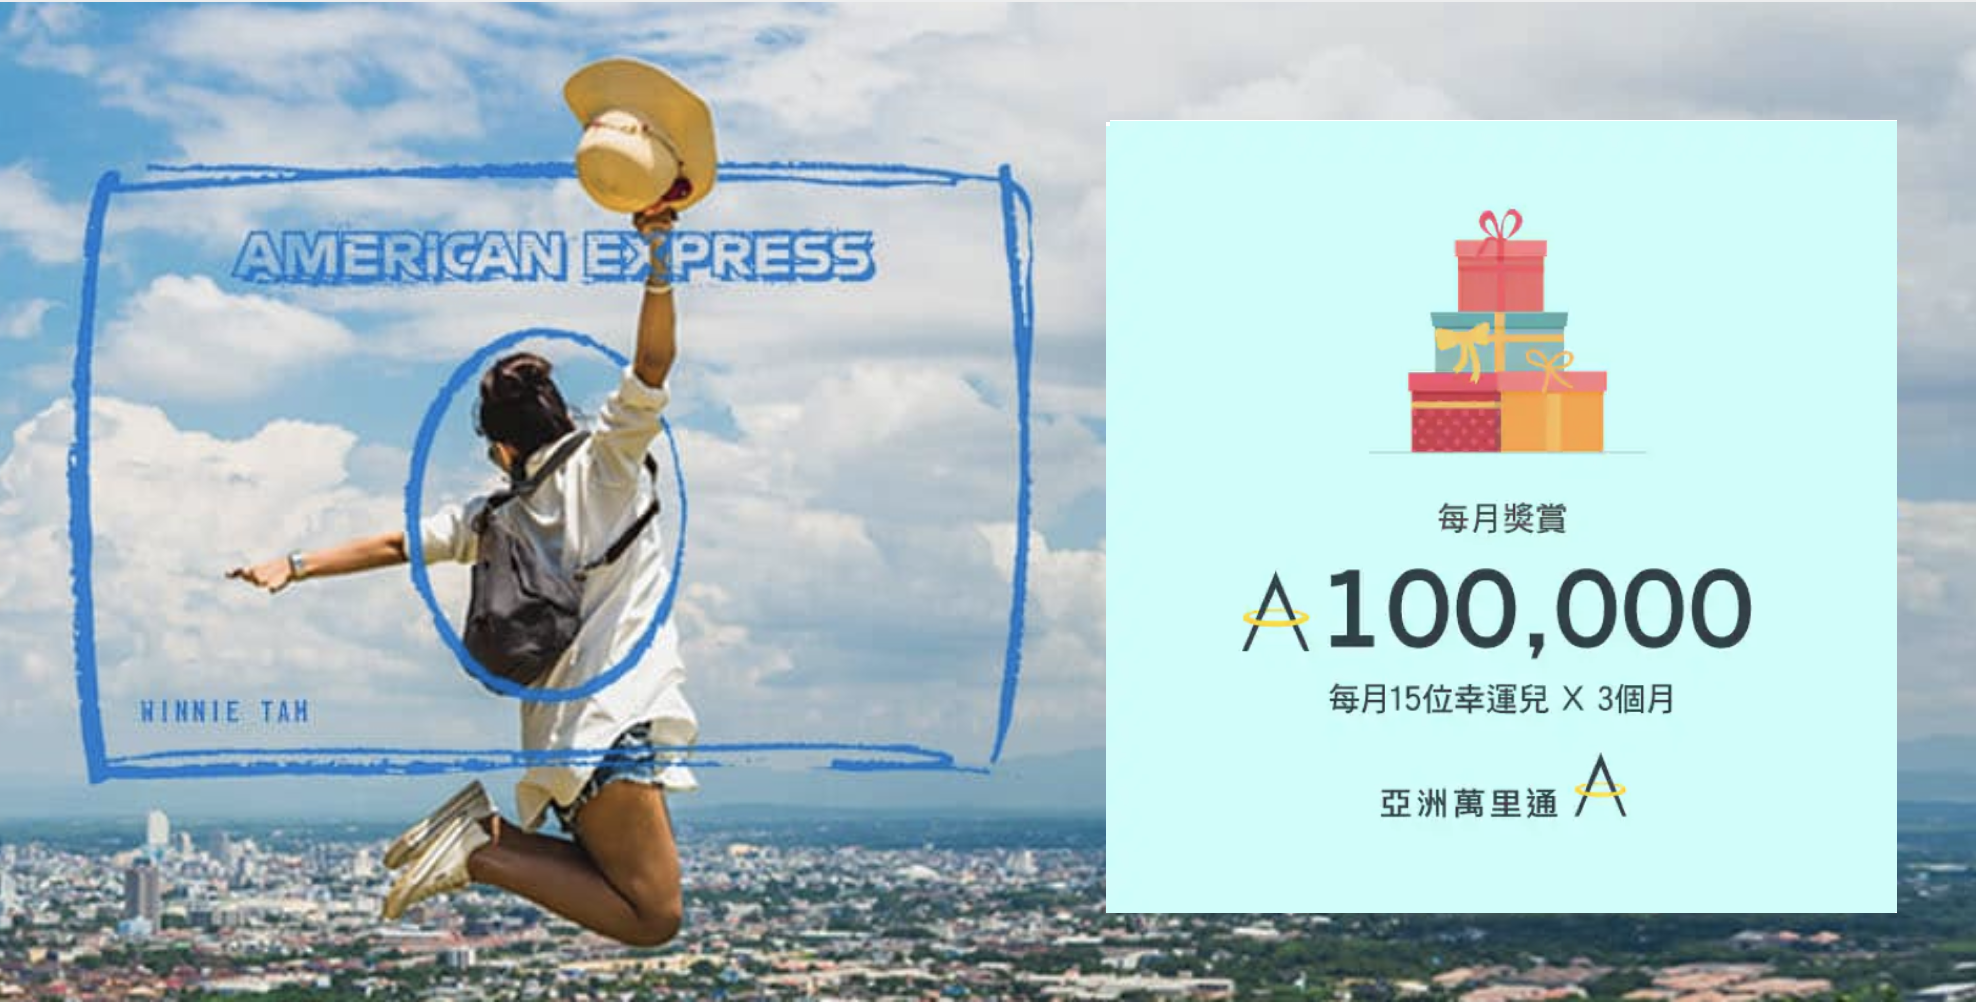 美國運通 Amex AE 信用卡100,000 亞洲萬里通里數抽獎!每月15個幸運兒 x 3個月!